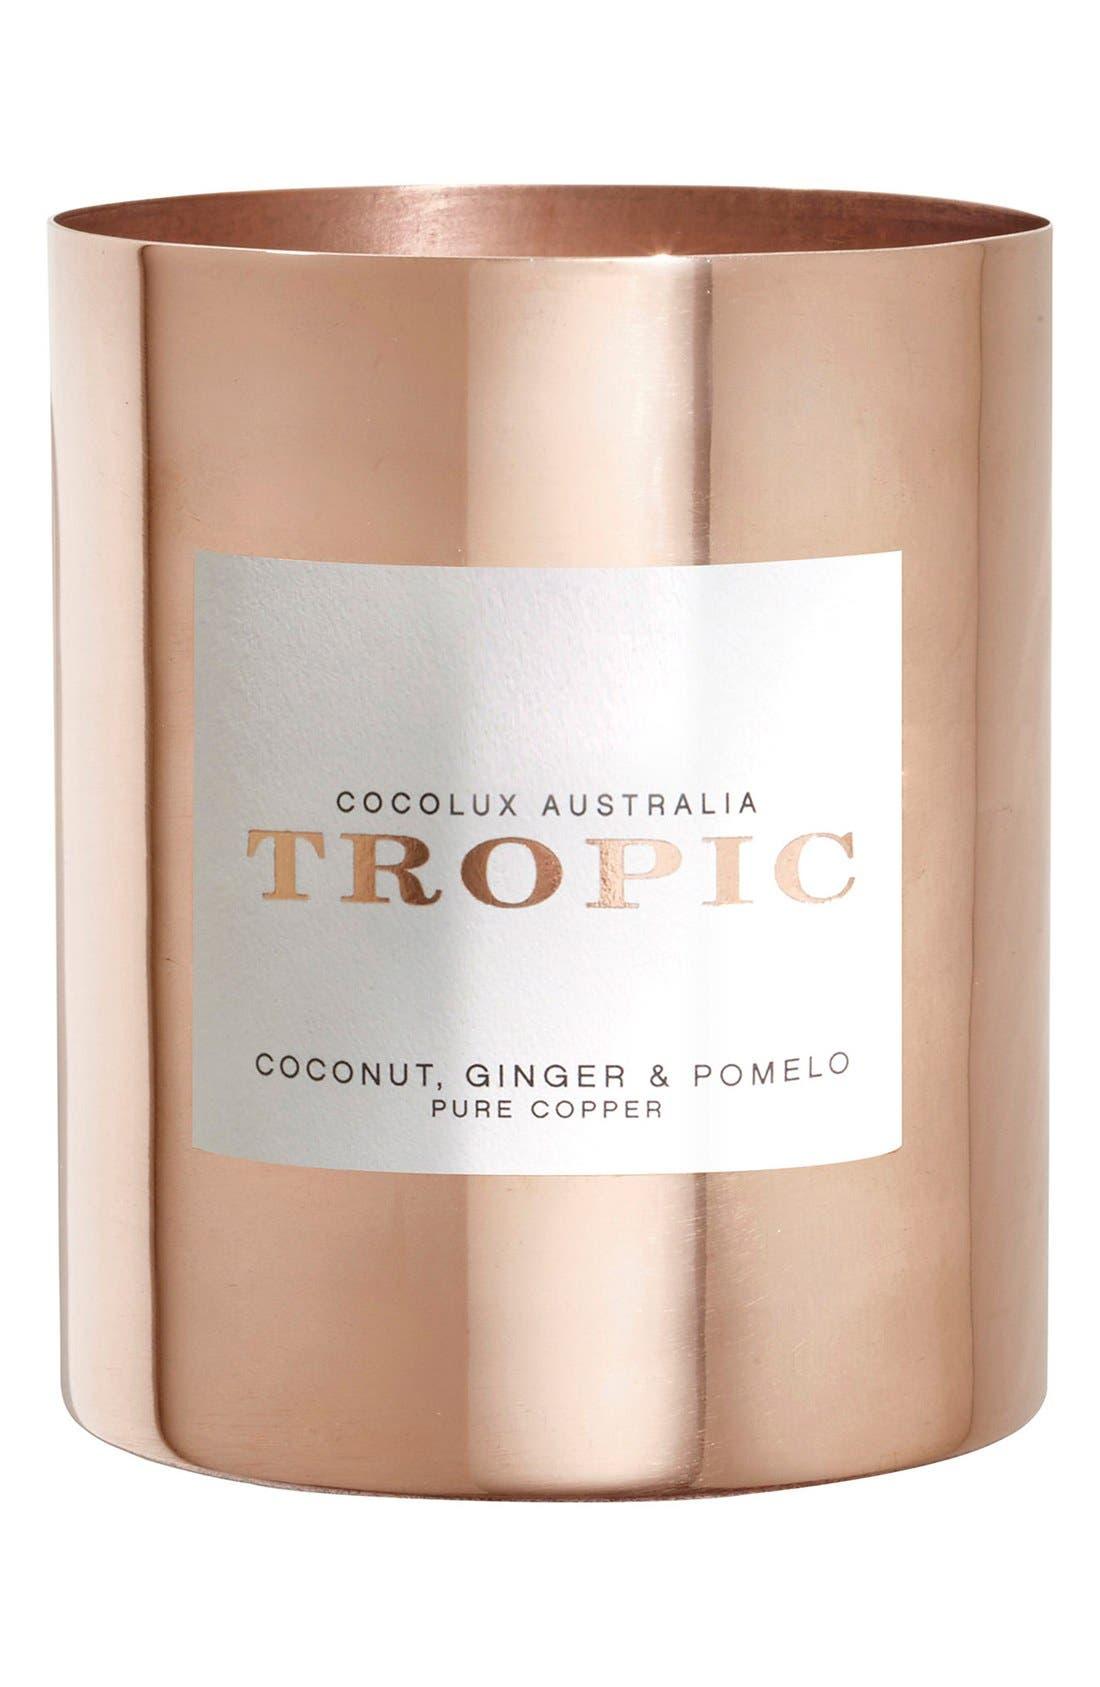 Cocolux Australia Coconut, Ginger & Pomelo Copper Candle